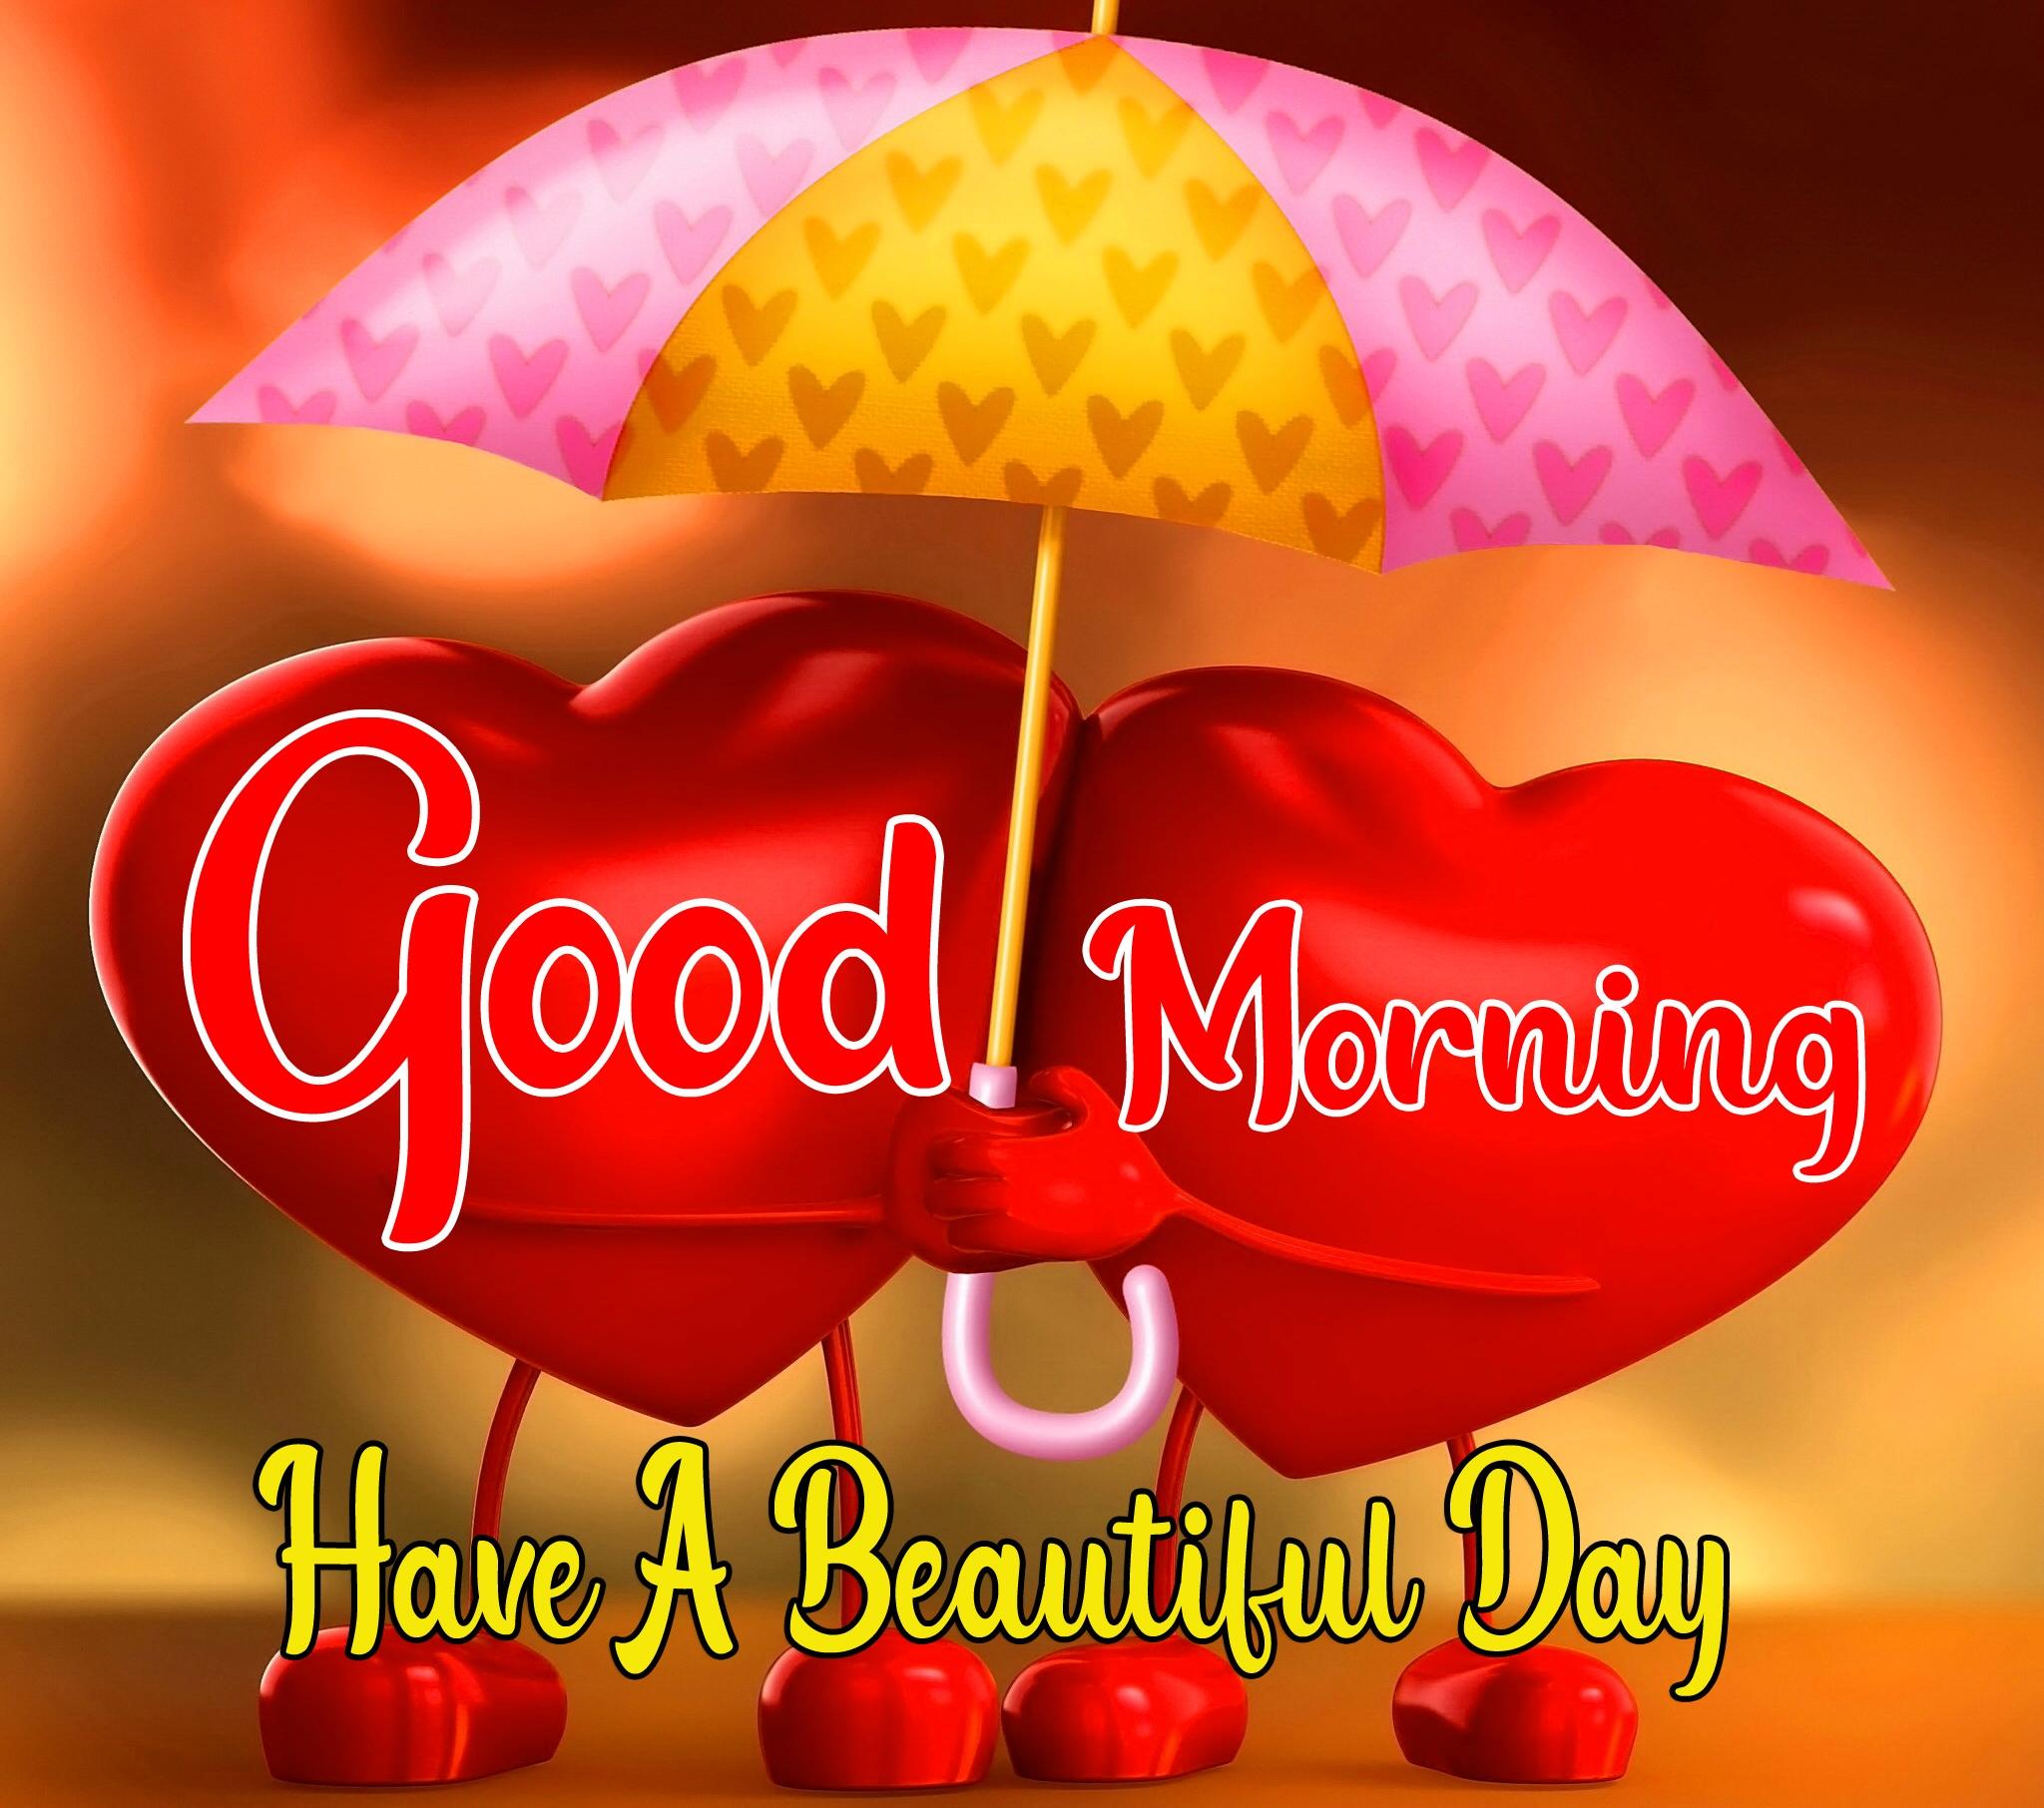 Special Good Morning Wallpaper 17